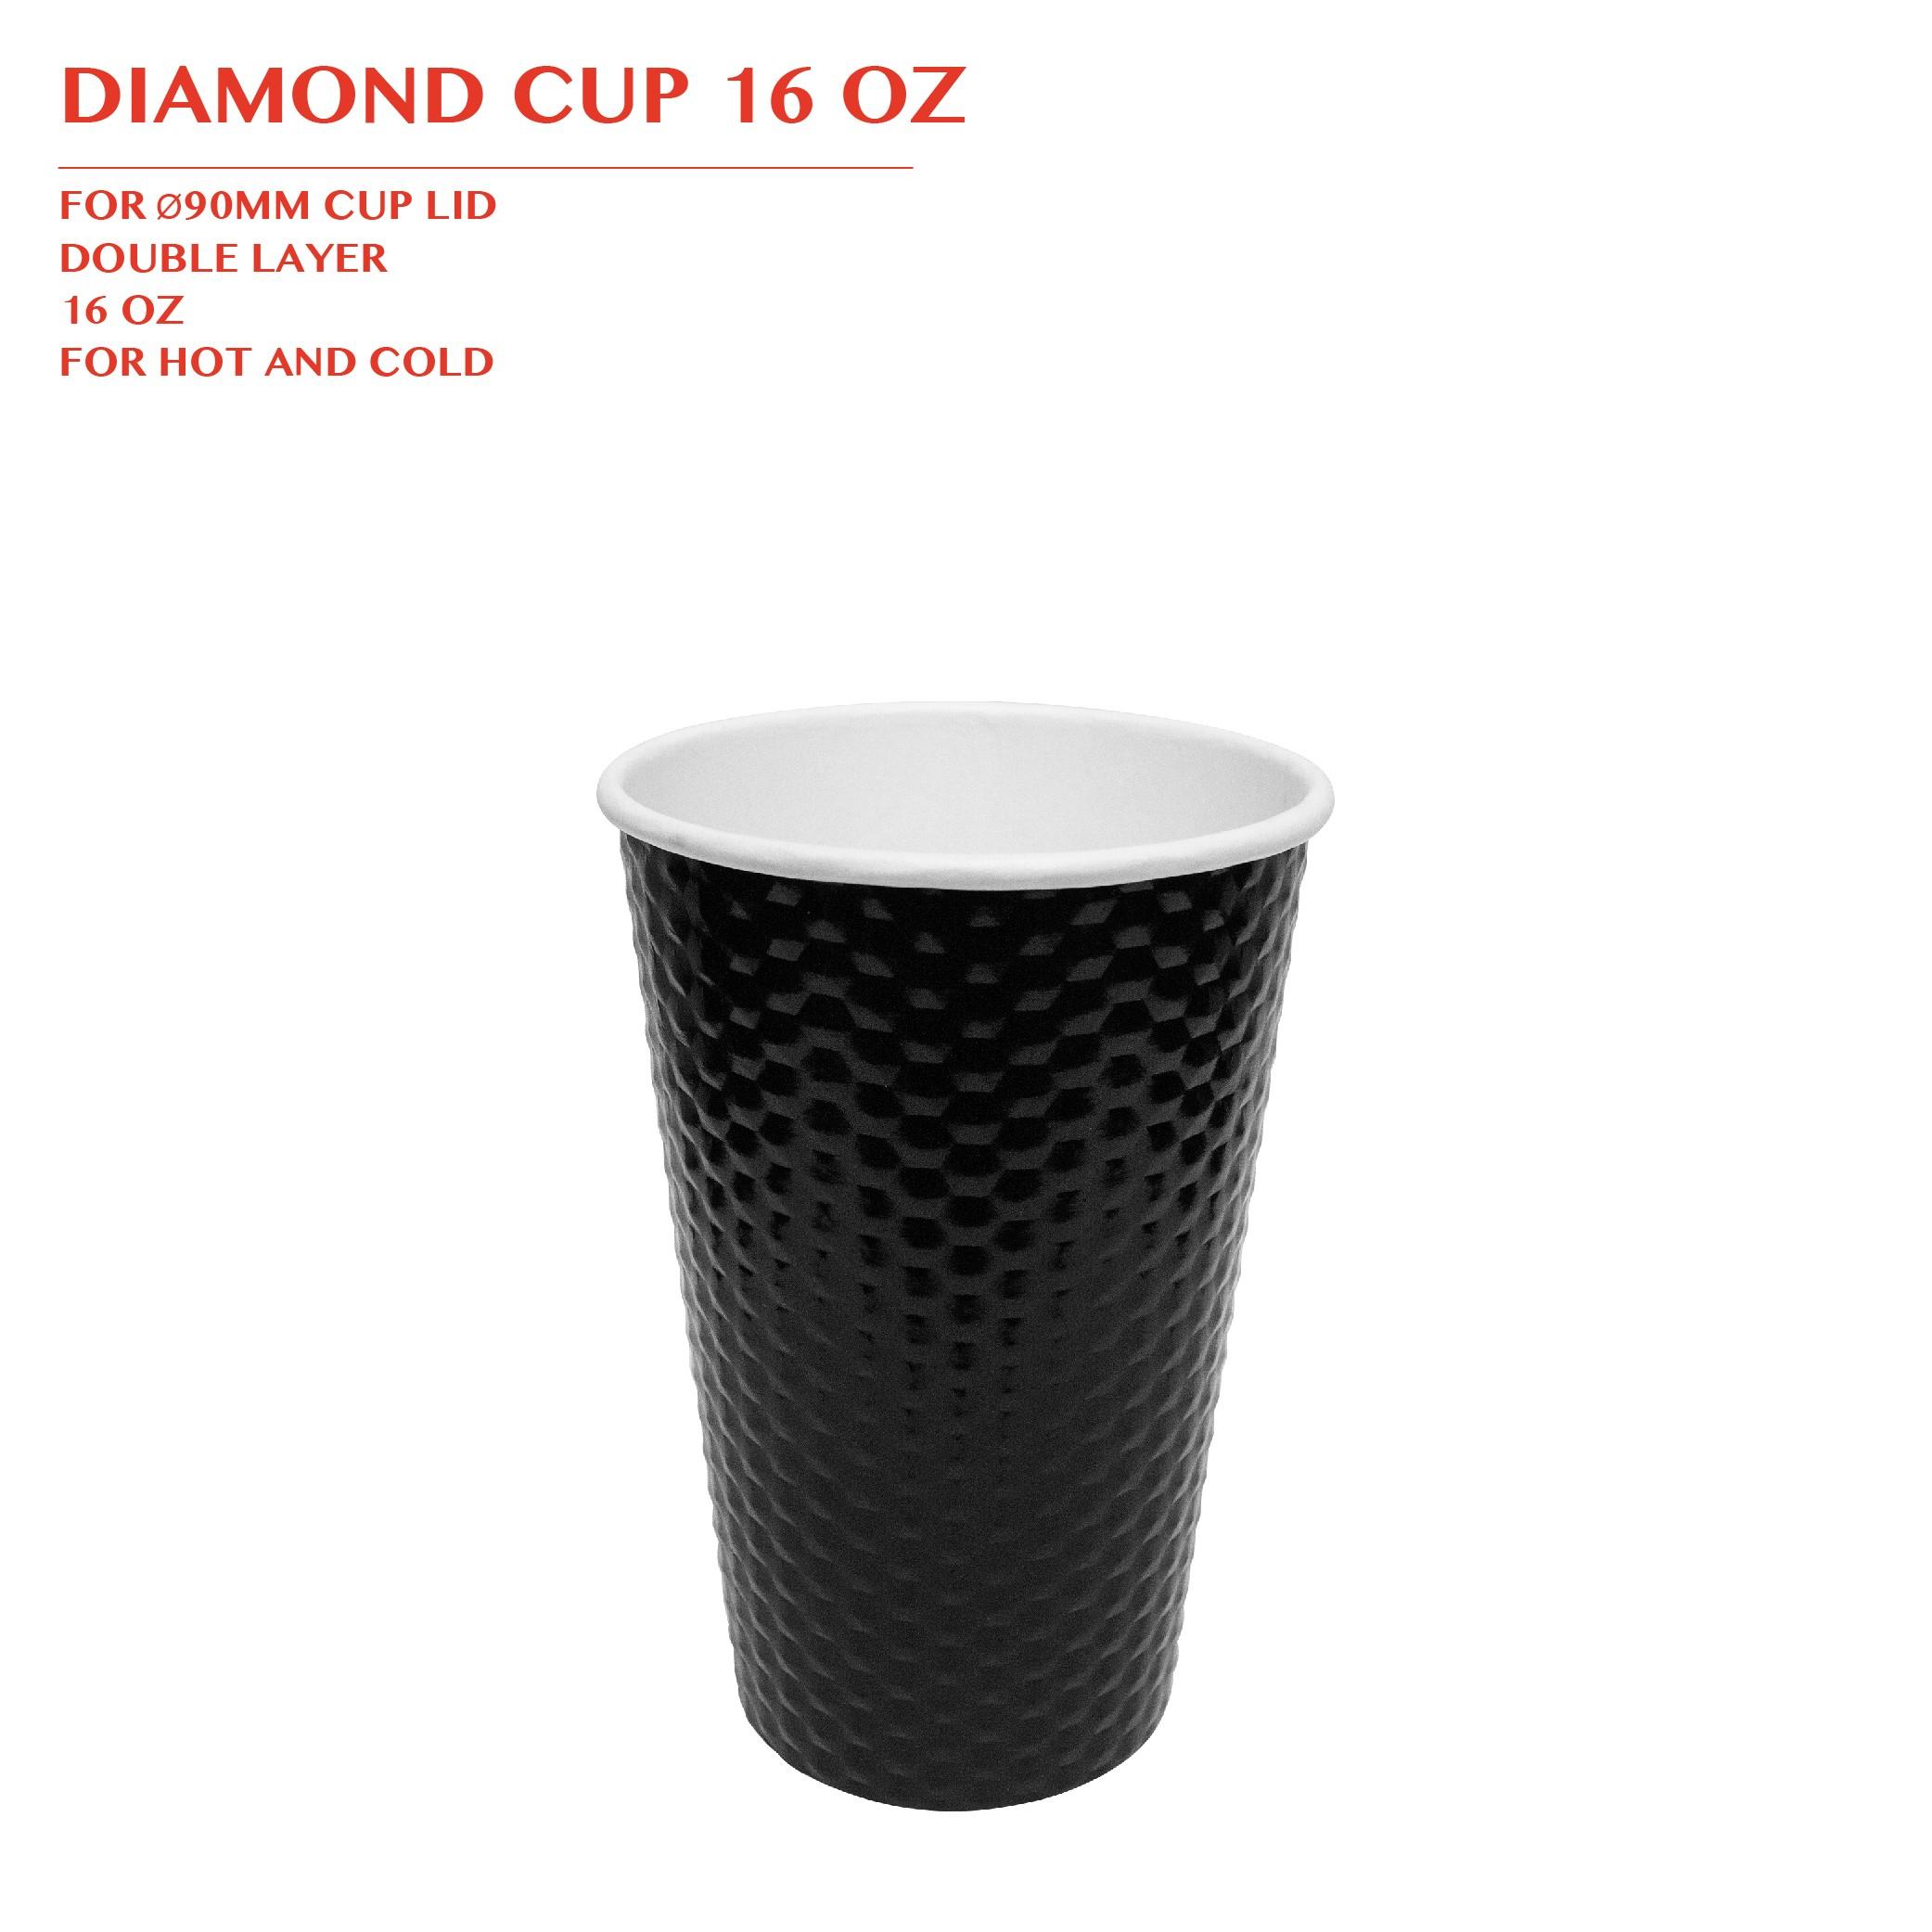 PRE-ORDER DIAMOND CUP 16 OZ 1000PCS/CTN